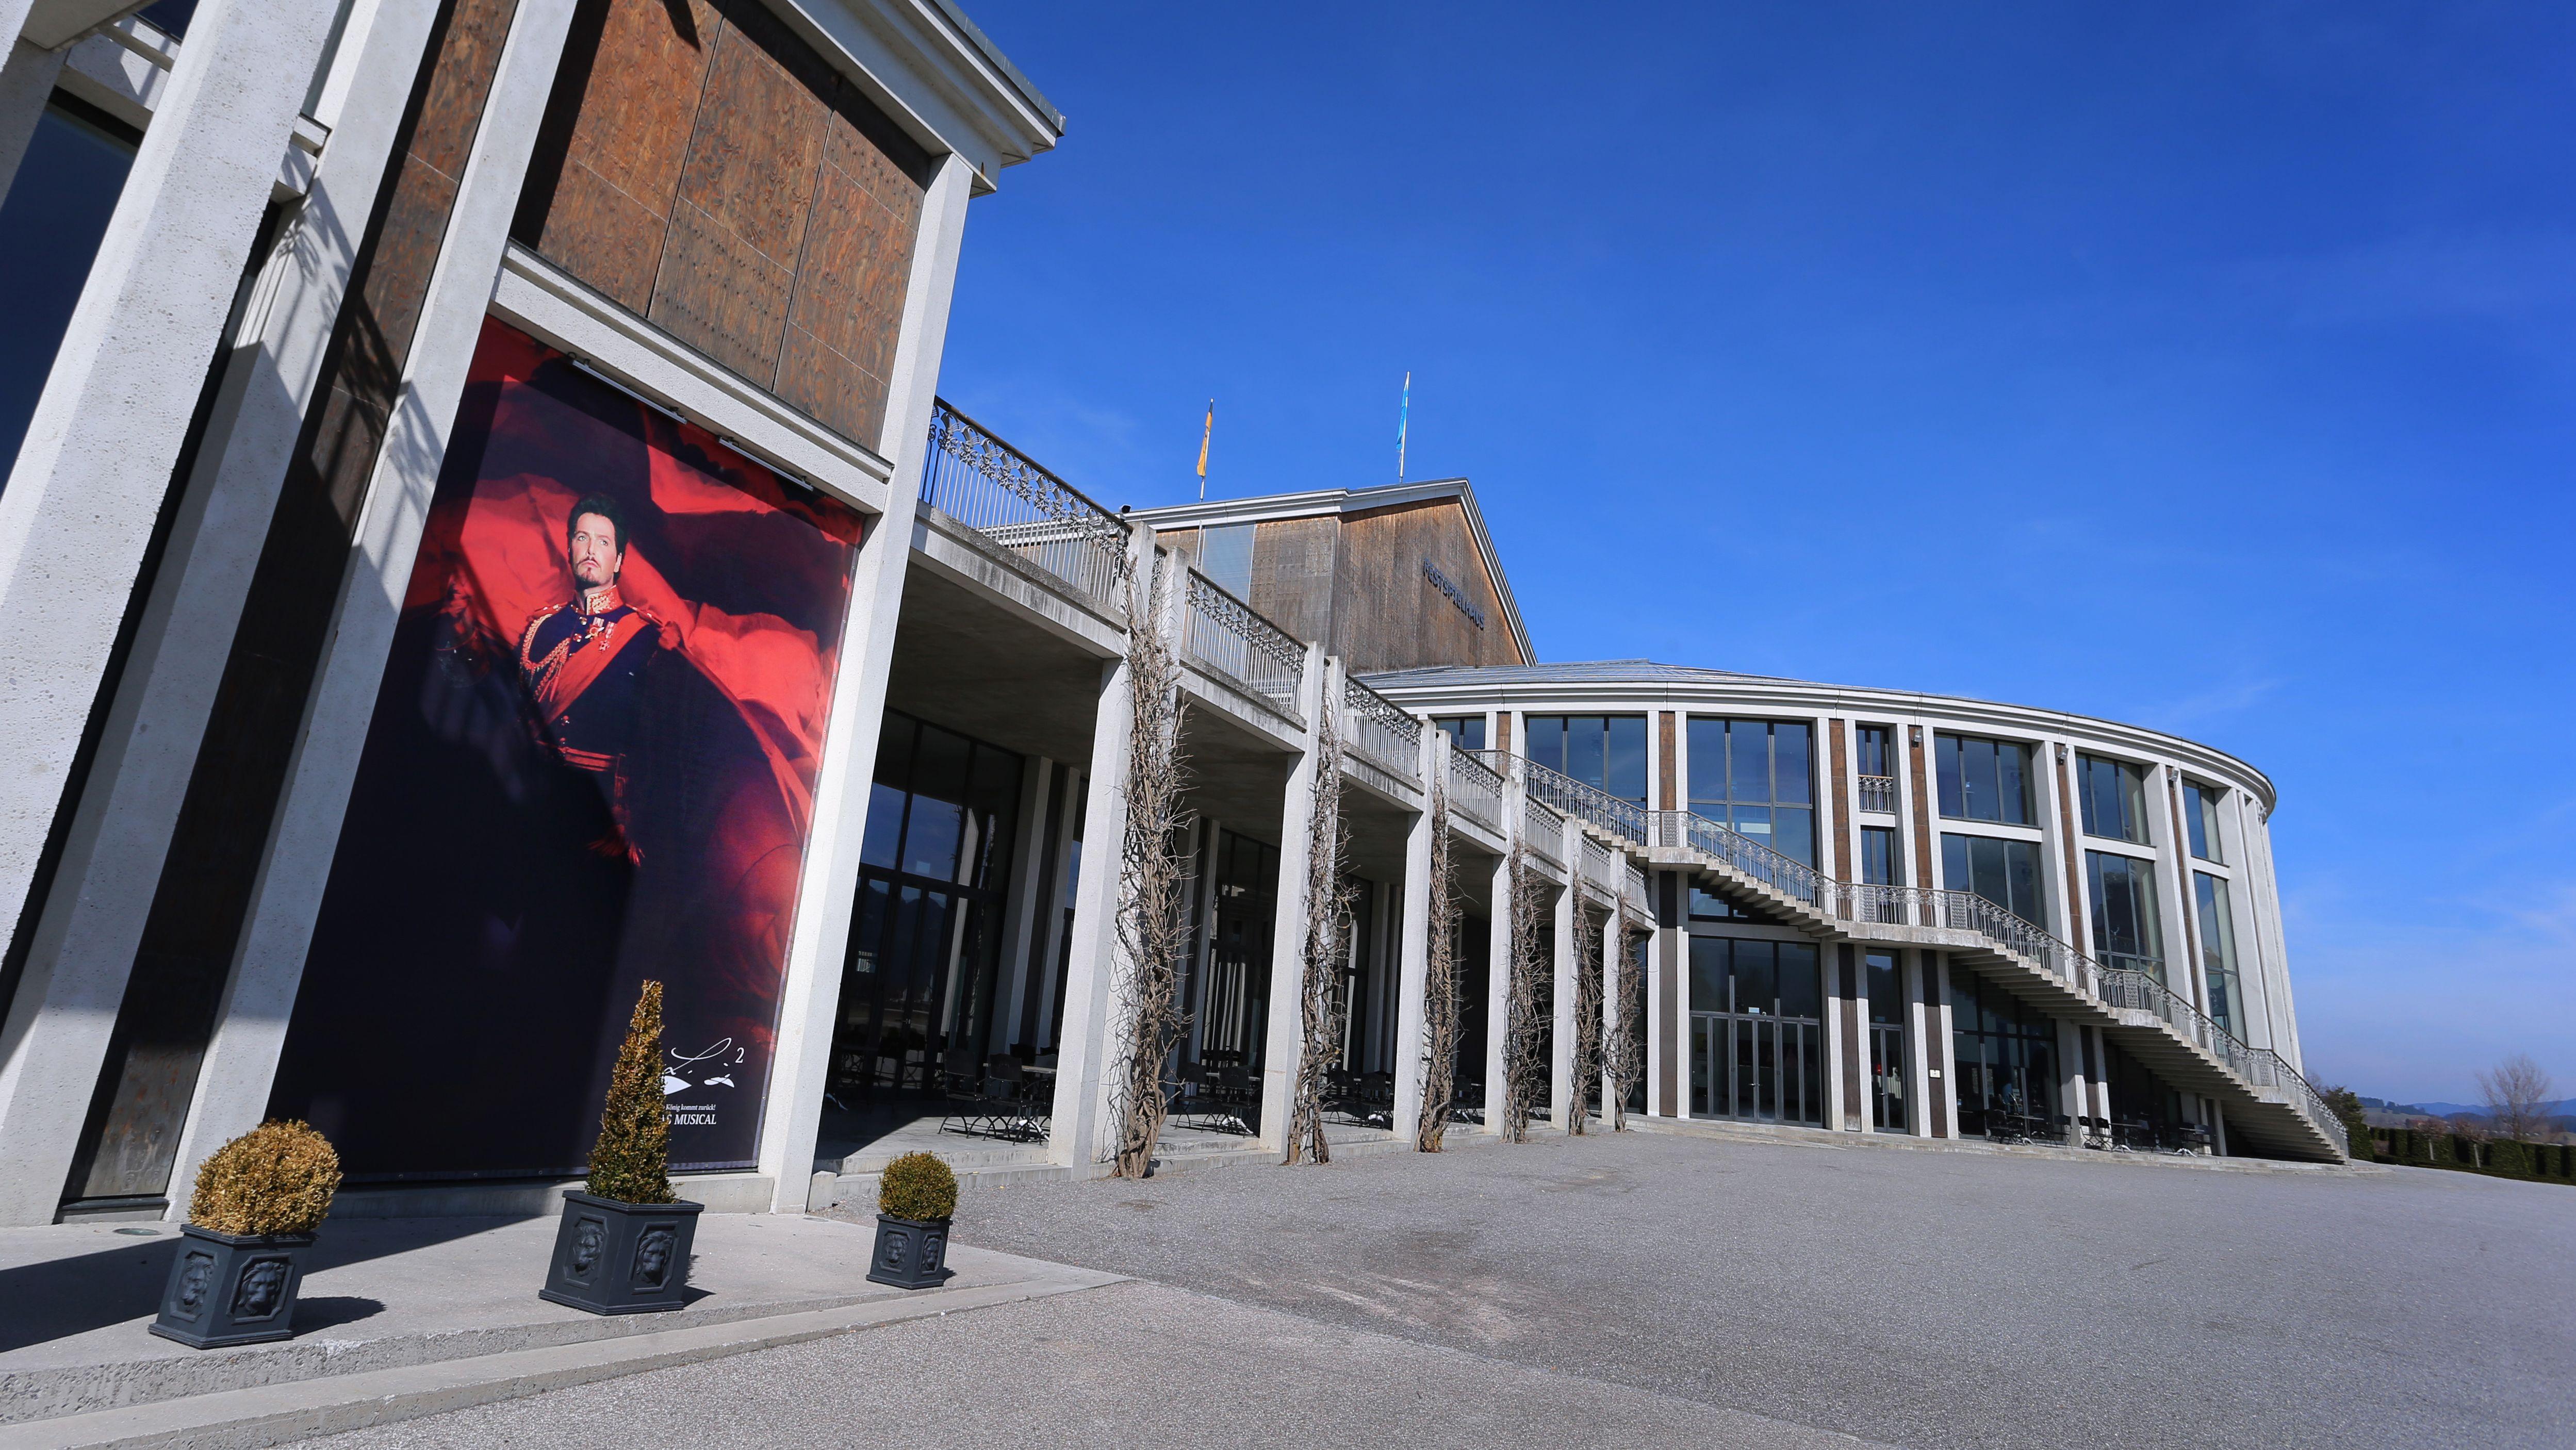 Das Festspielhaus Füssen ist mit einem Plakat, welches einen der Darsteller des König Ludwig zeigt, dekoriert.